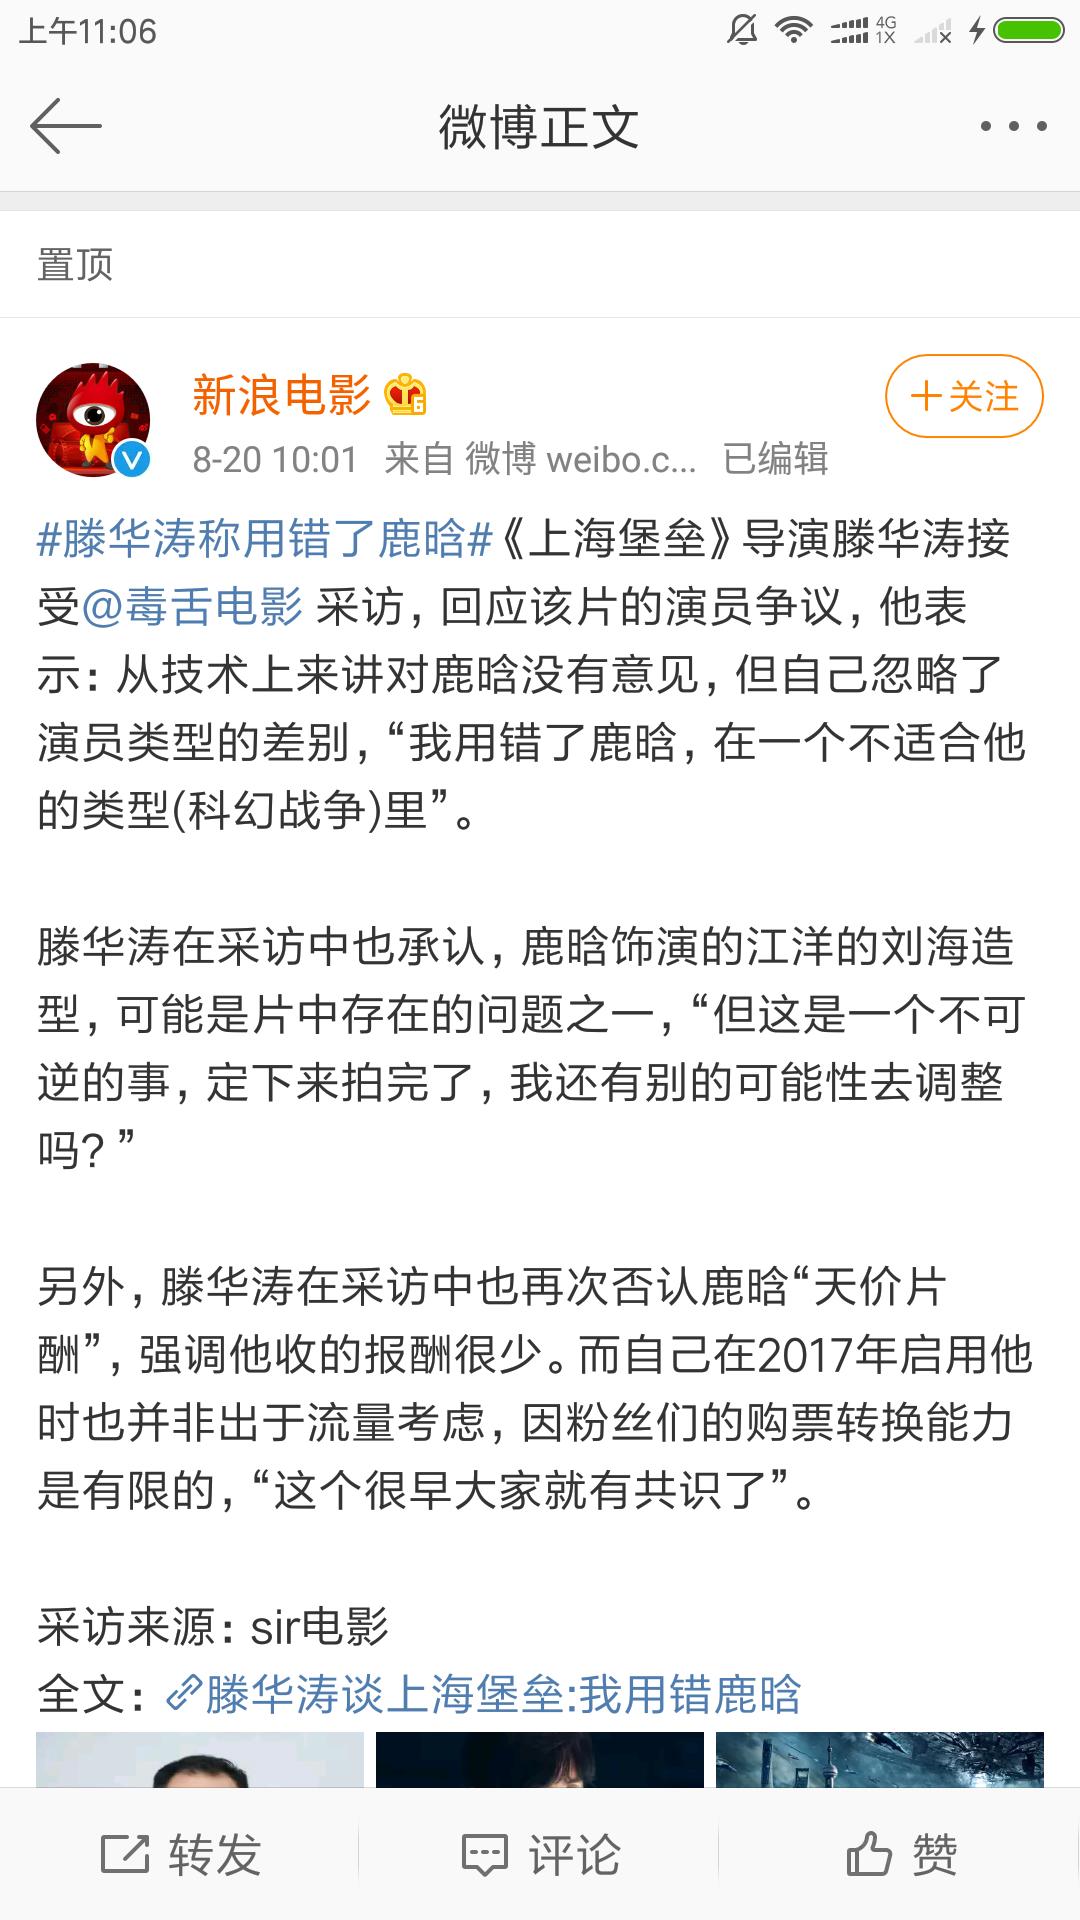 《上海堡垒》导演称错用鹿晗,引起粉丝强烈不满,血本无归全怪鹿晗?